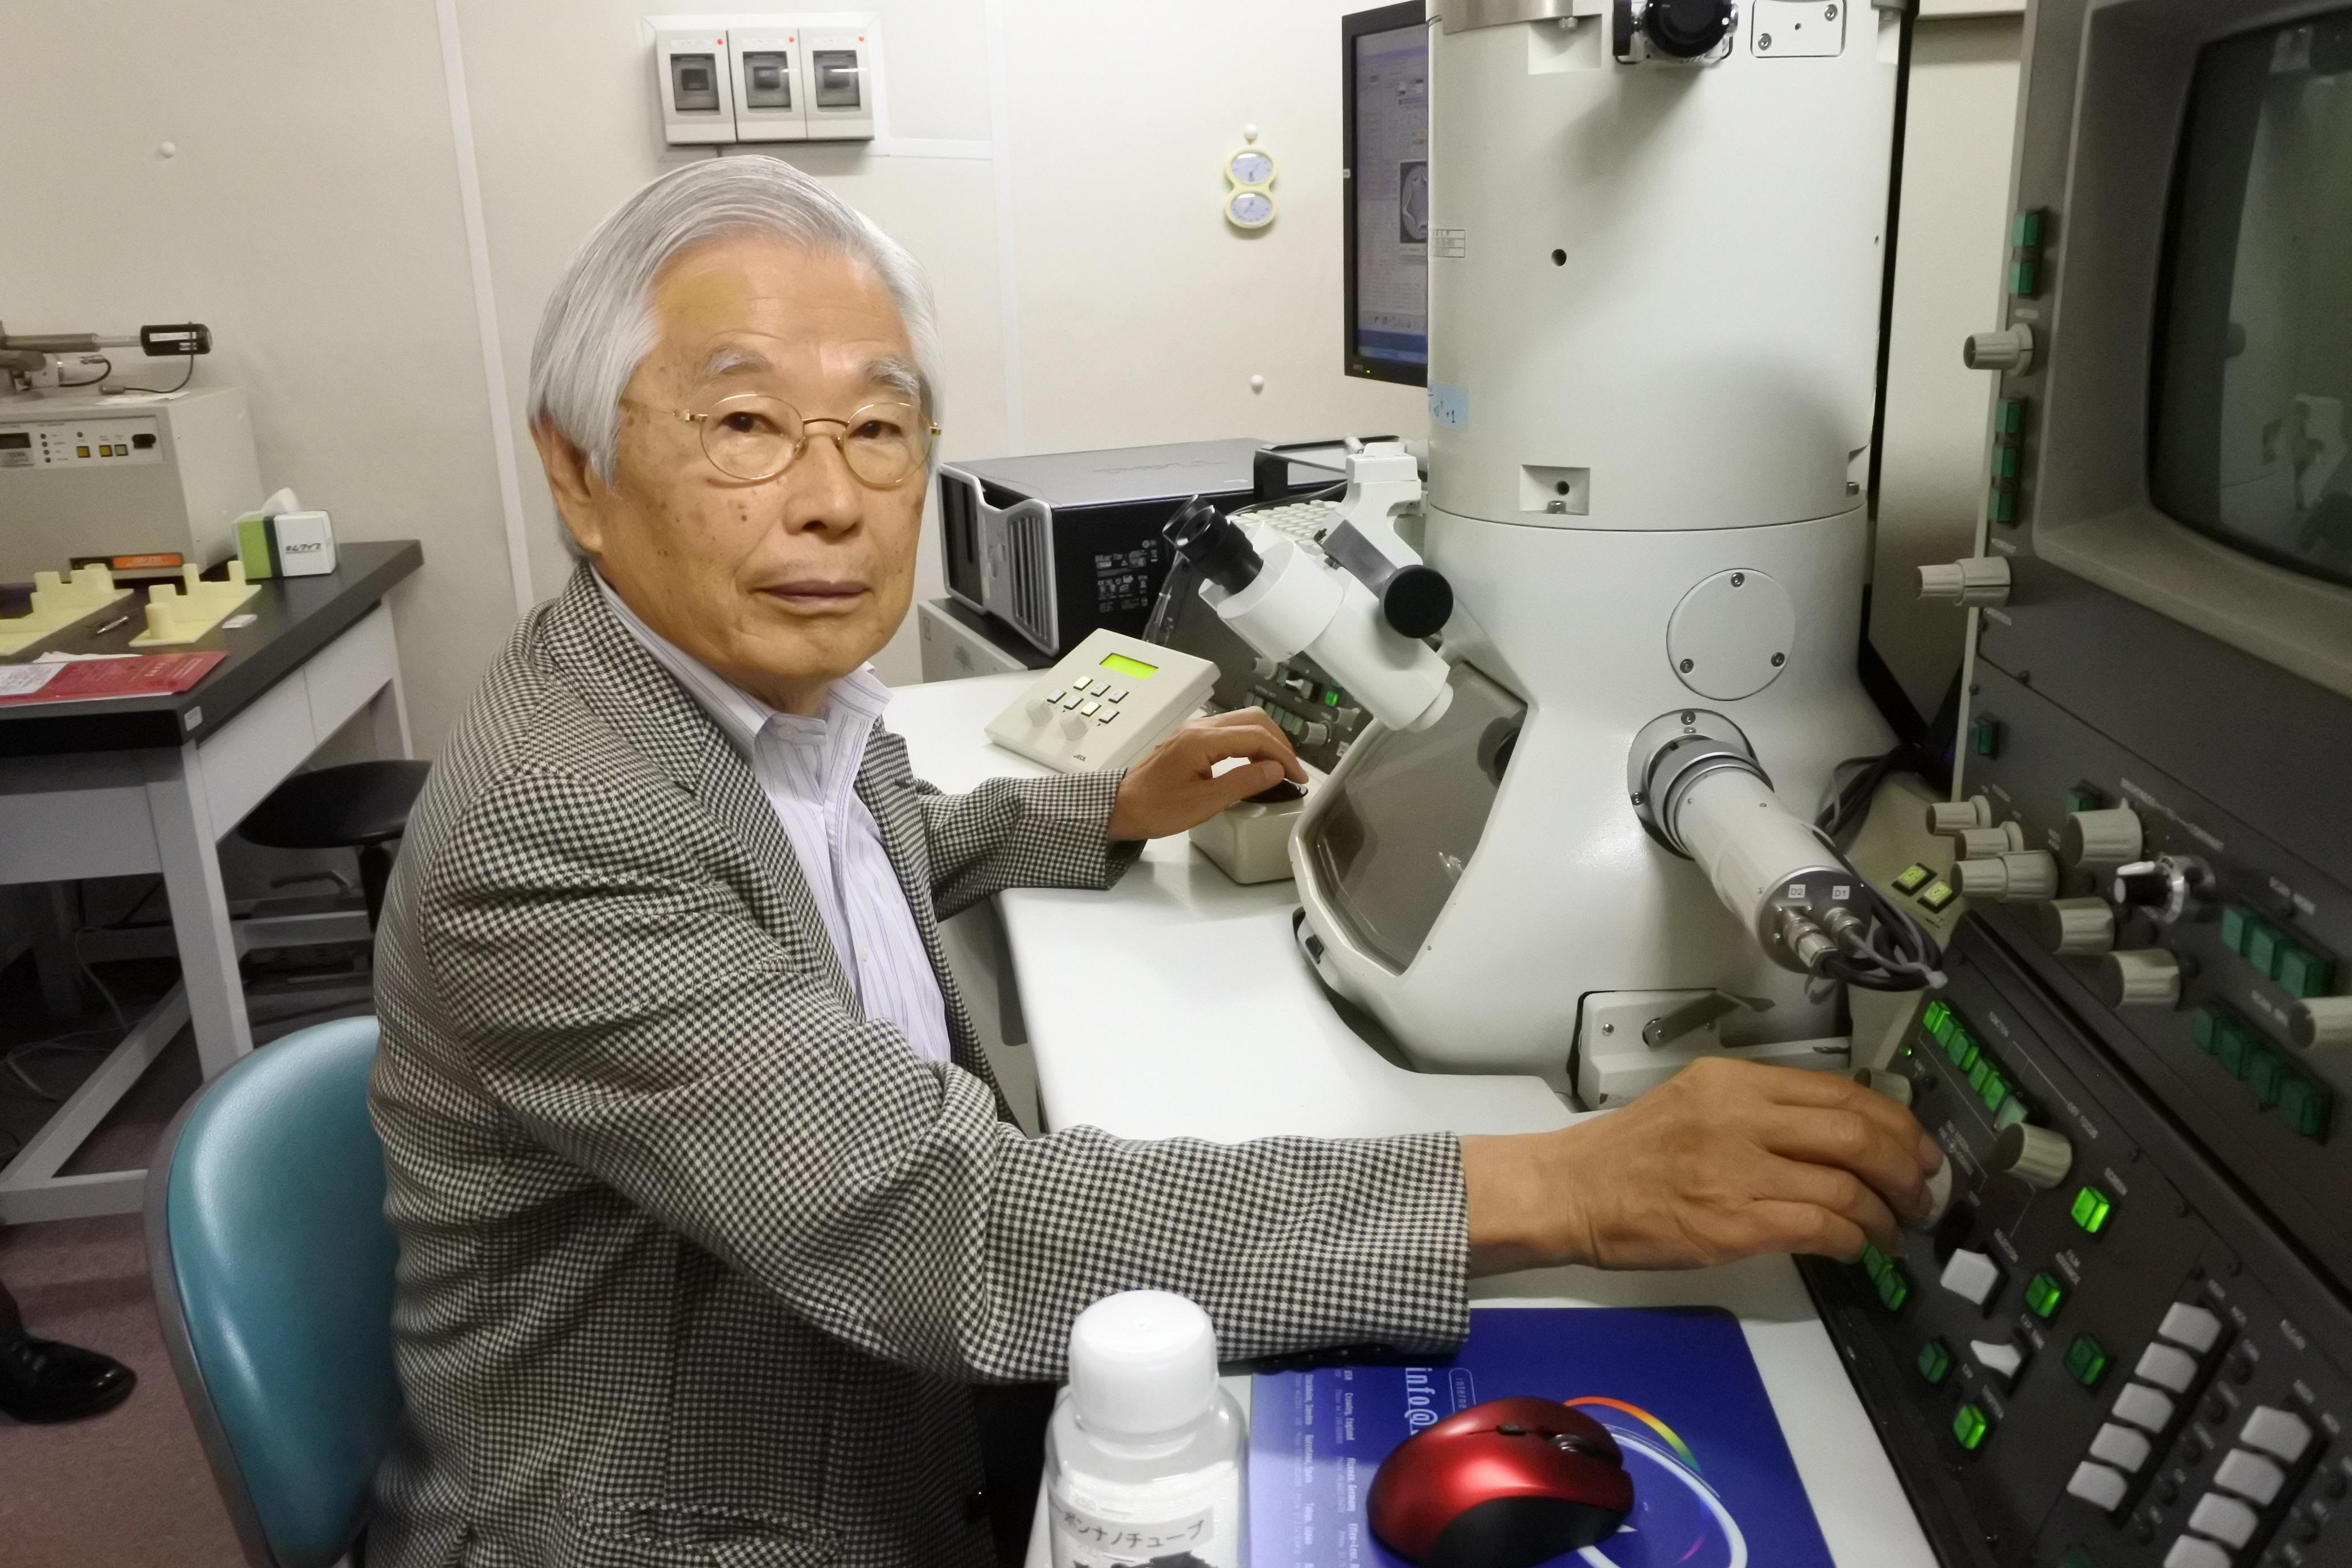 電子顕微鏡に向かう飯島澄男終身教授